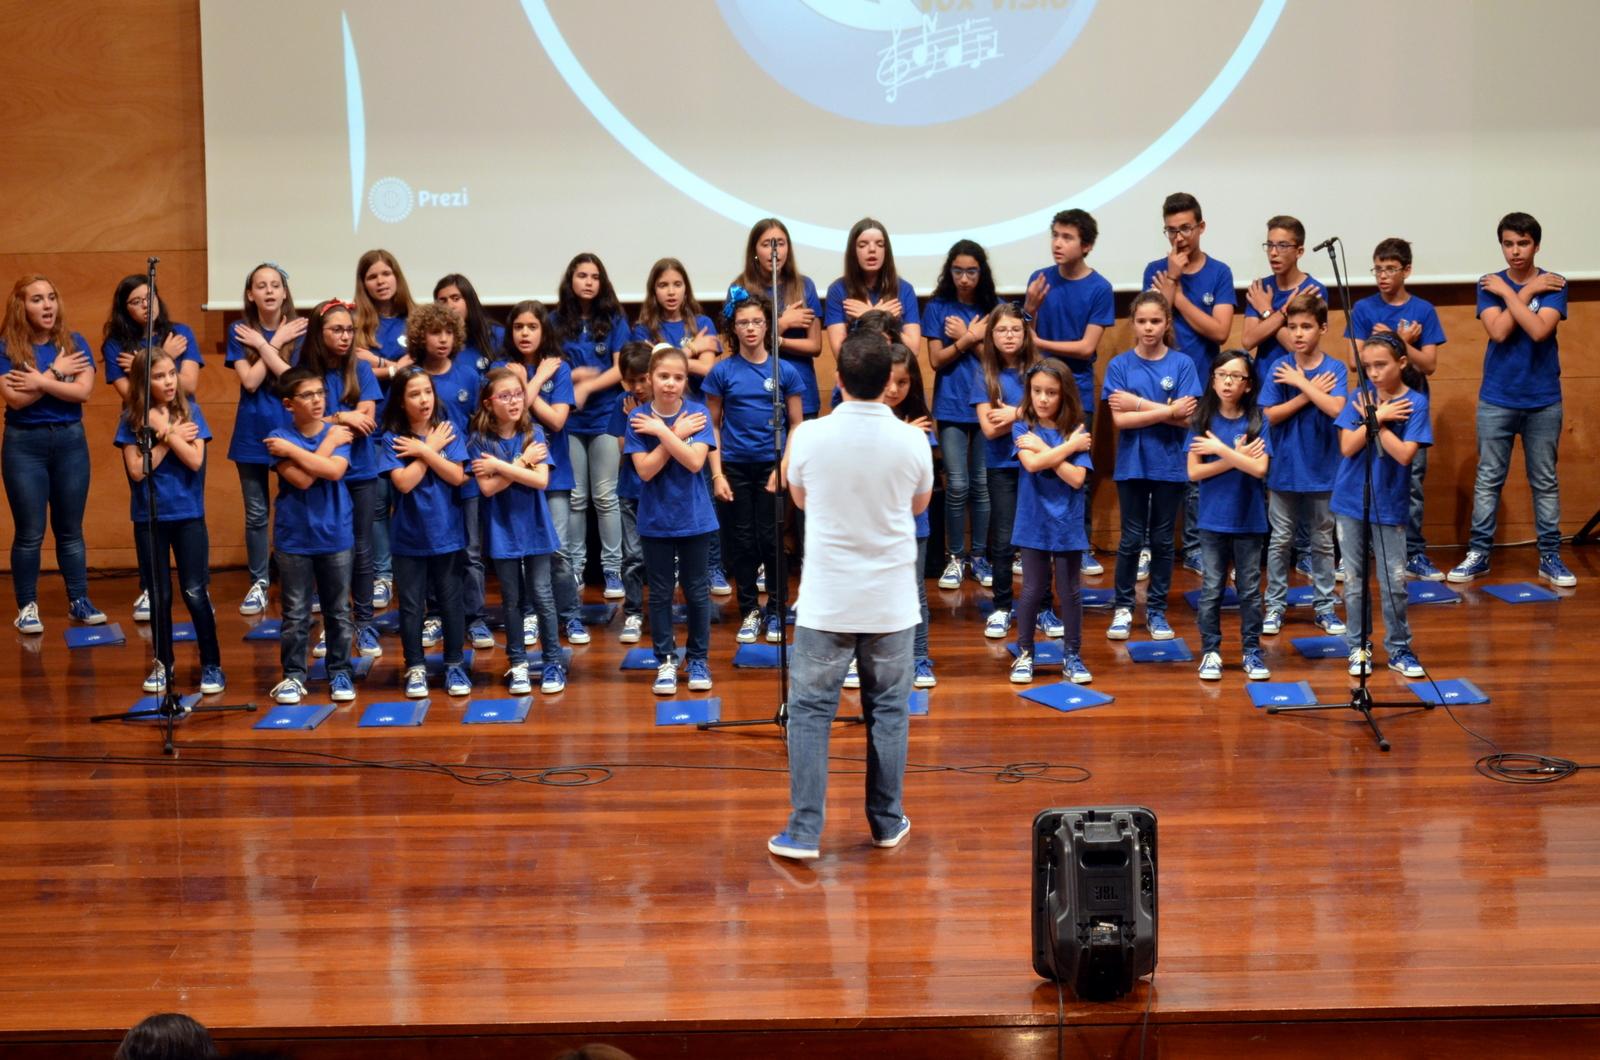 Atuação do Coro Infanto-Juvenil VOX VISIO (foto D. T. Machado).